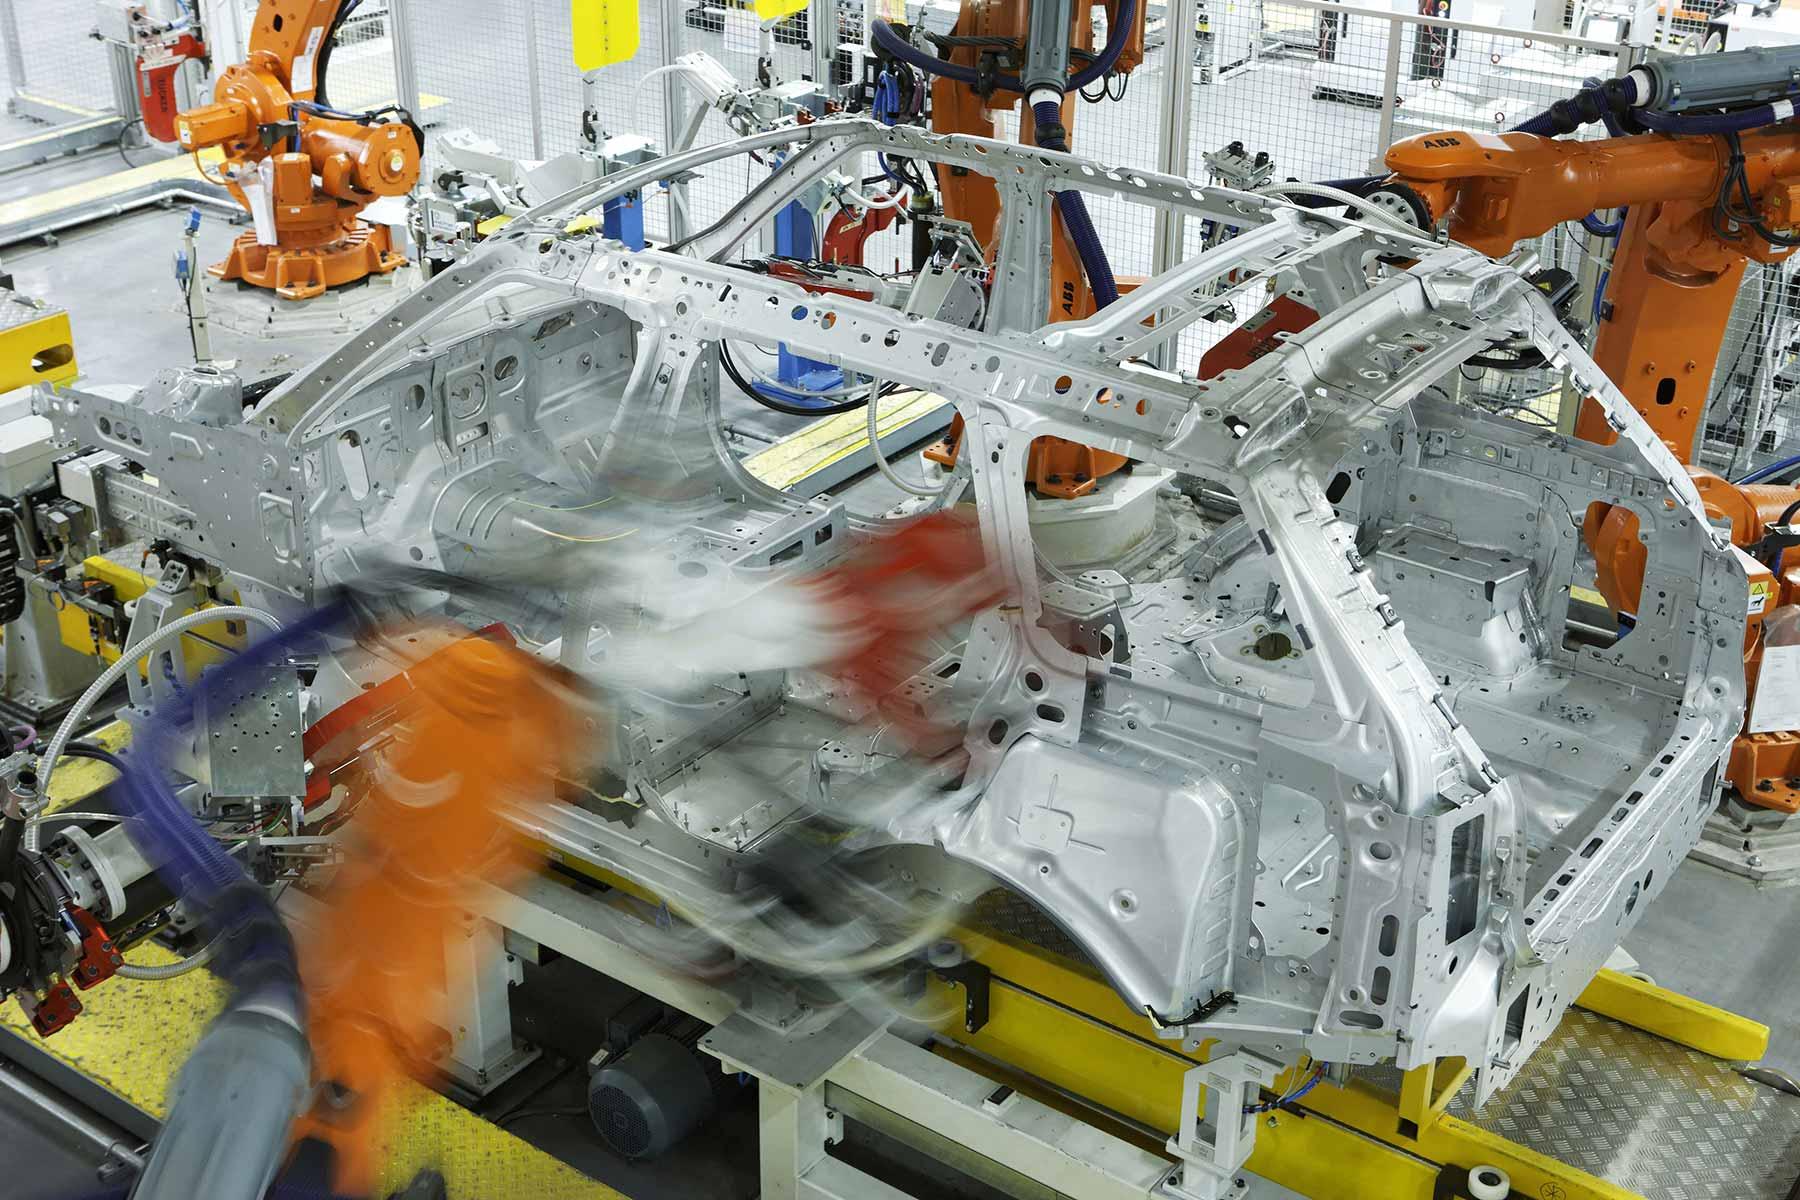 JLR aluminium car plant